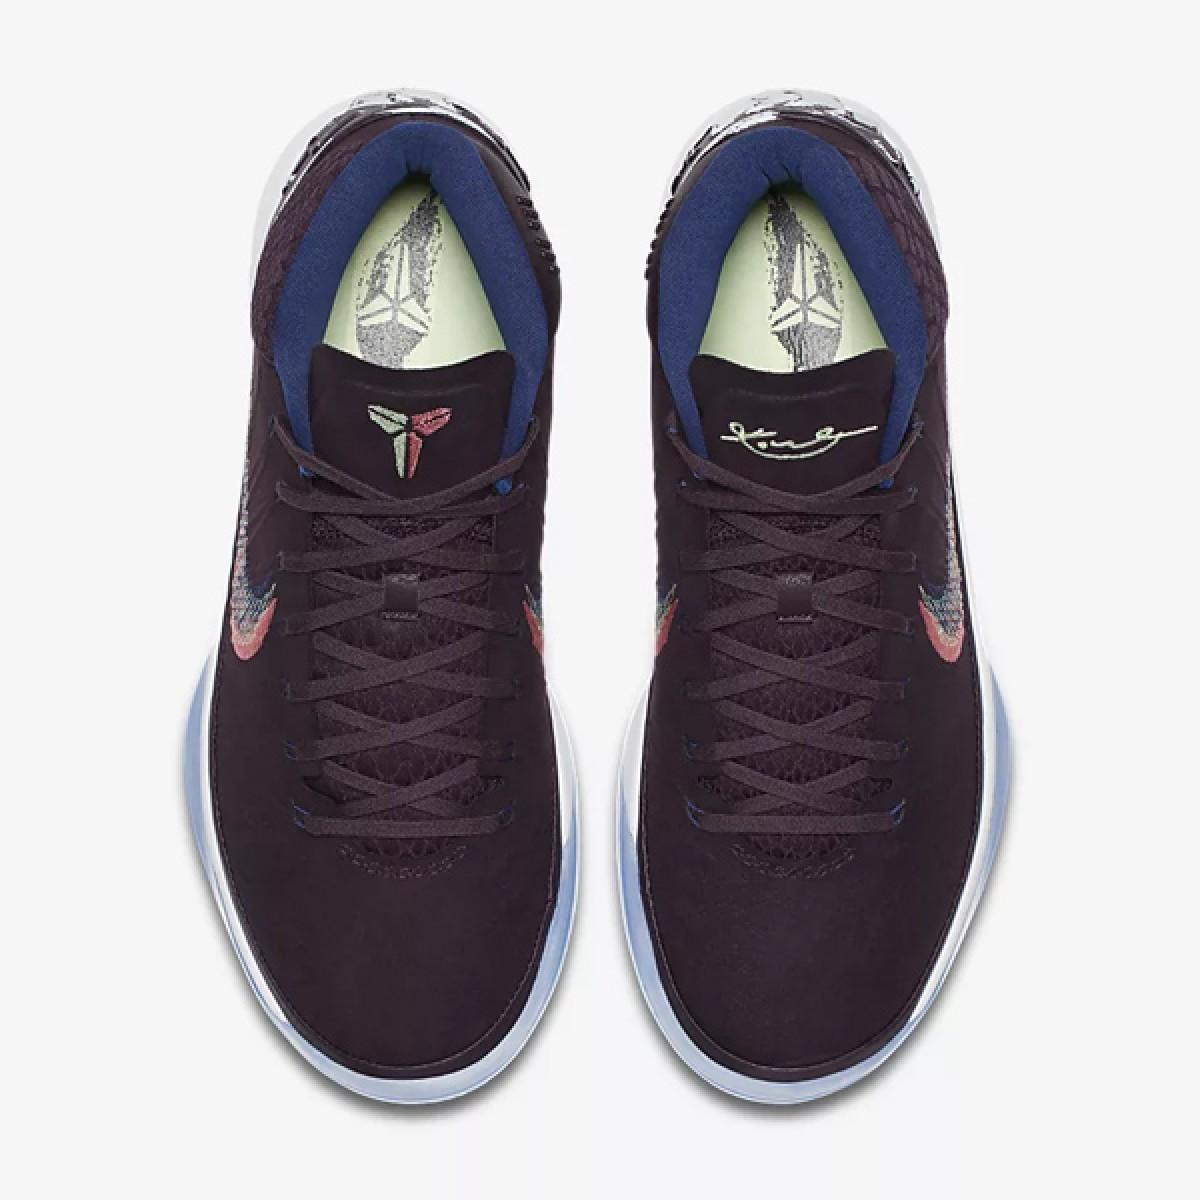 Nike Kobe AD Mid 'Port Wine' 922482-602